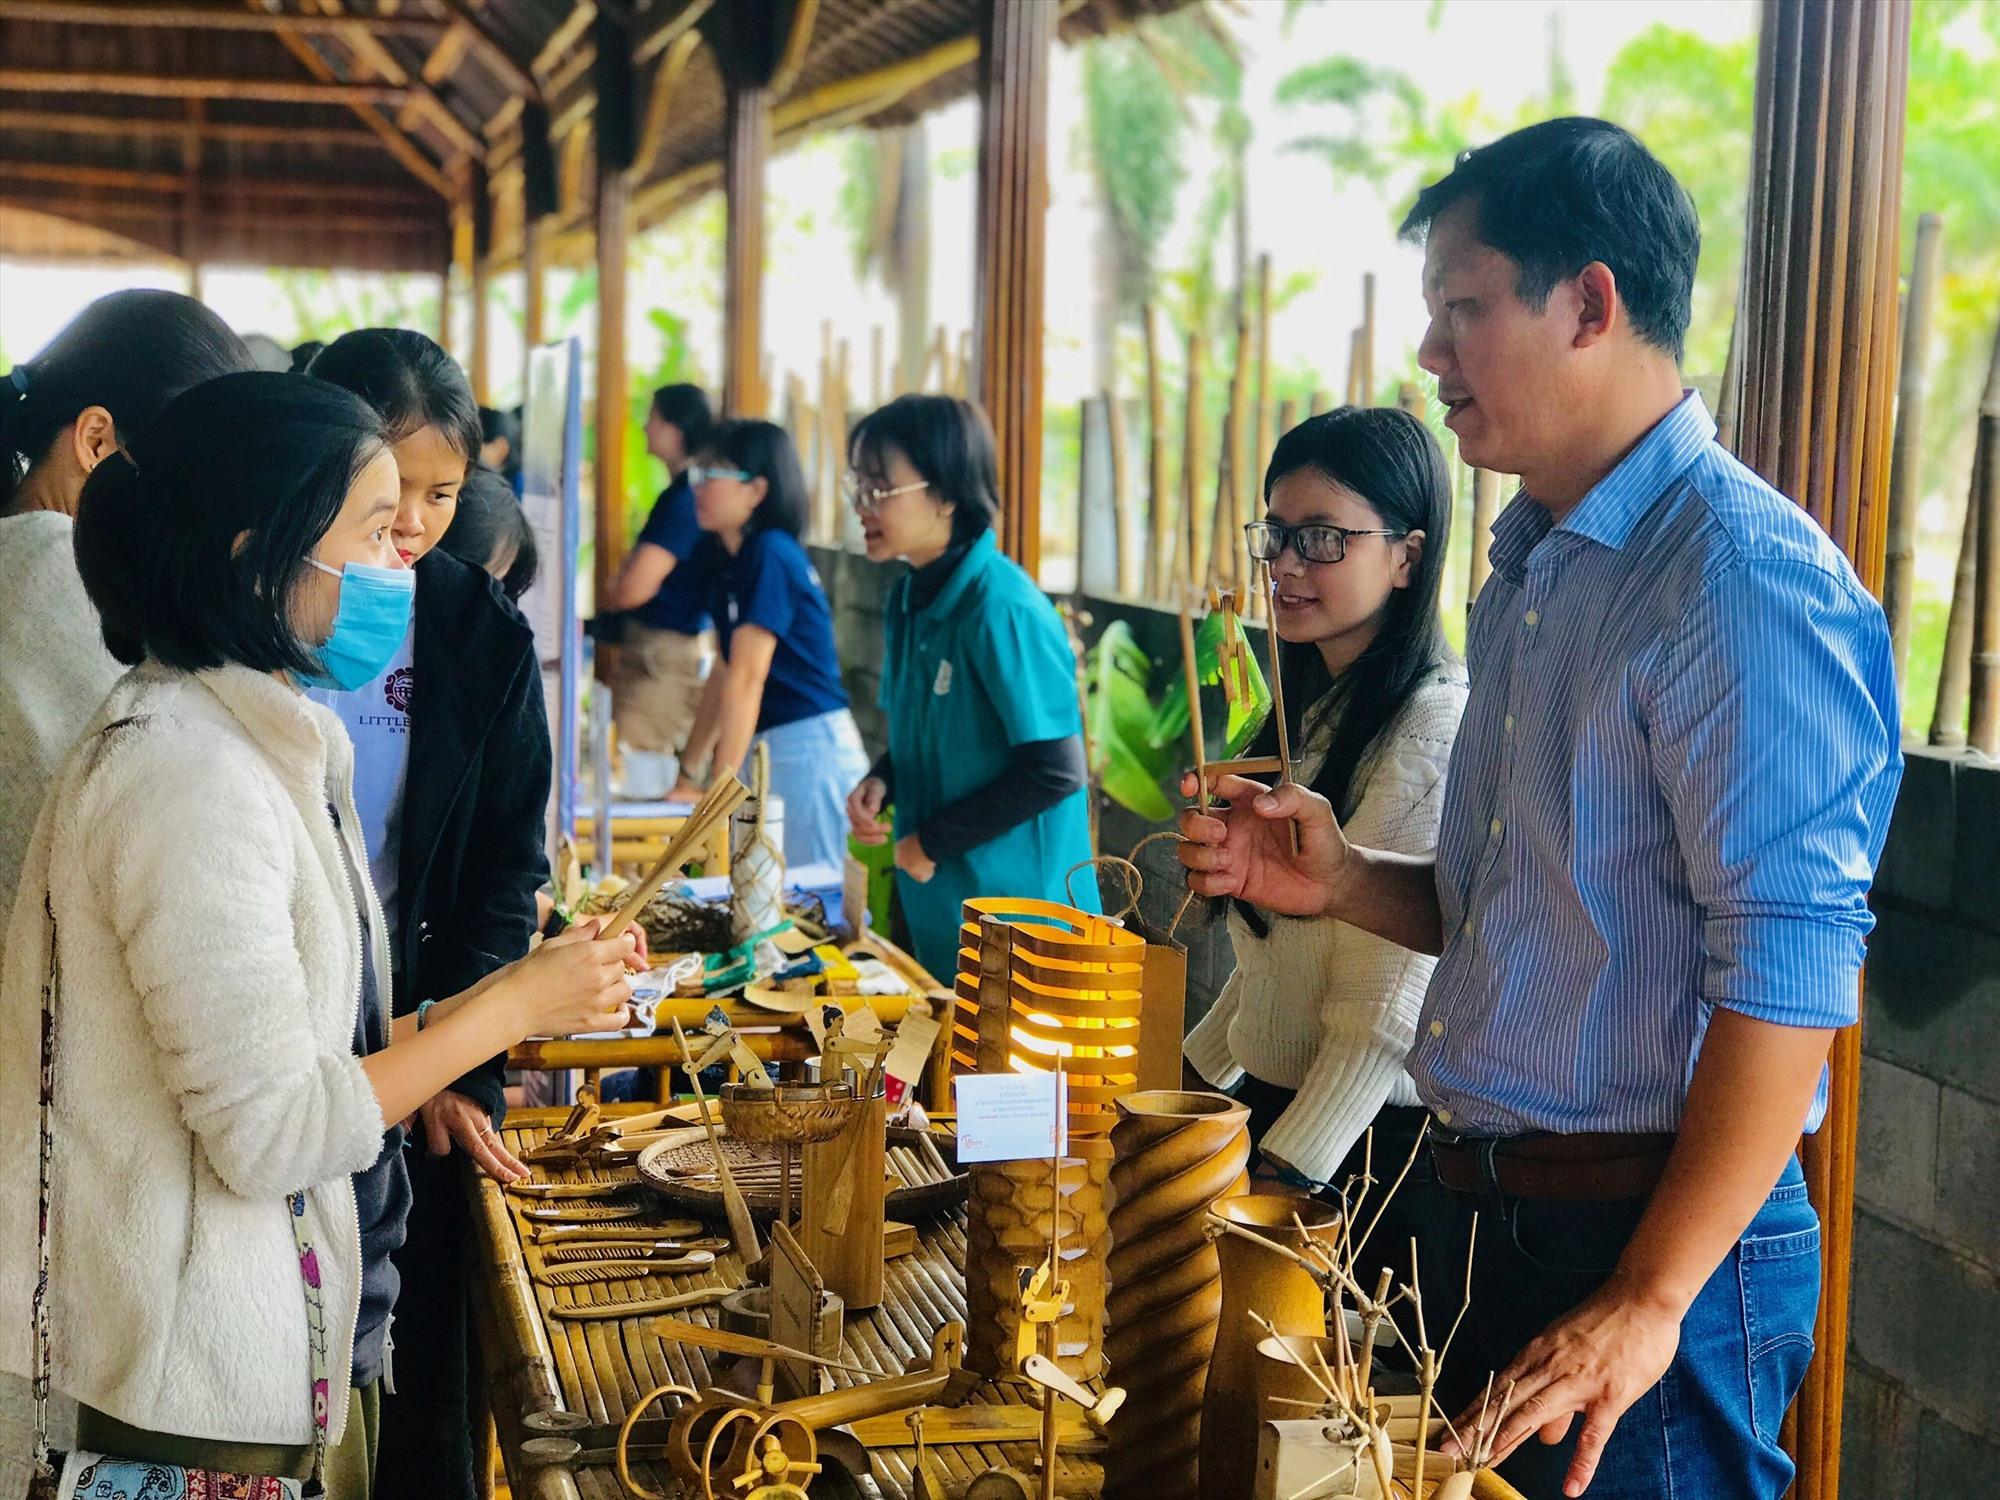 """Ngày càng có nhiều đơn vị du lịch ở Hội An quan tâm đến việc sáng tạo các sản phẩm """"xanh"""". Ảnh: Q.T"""